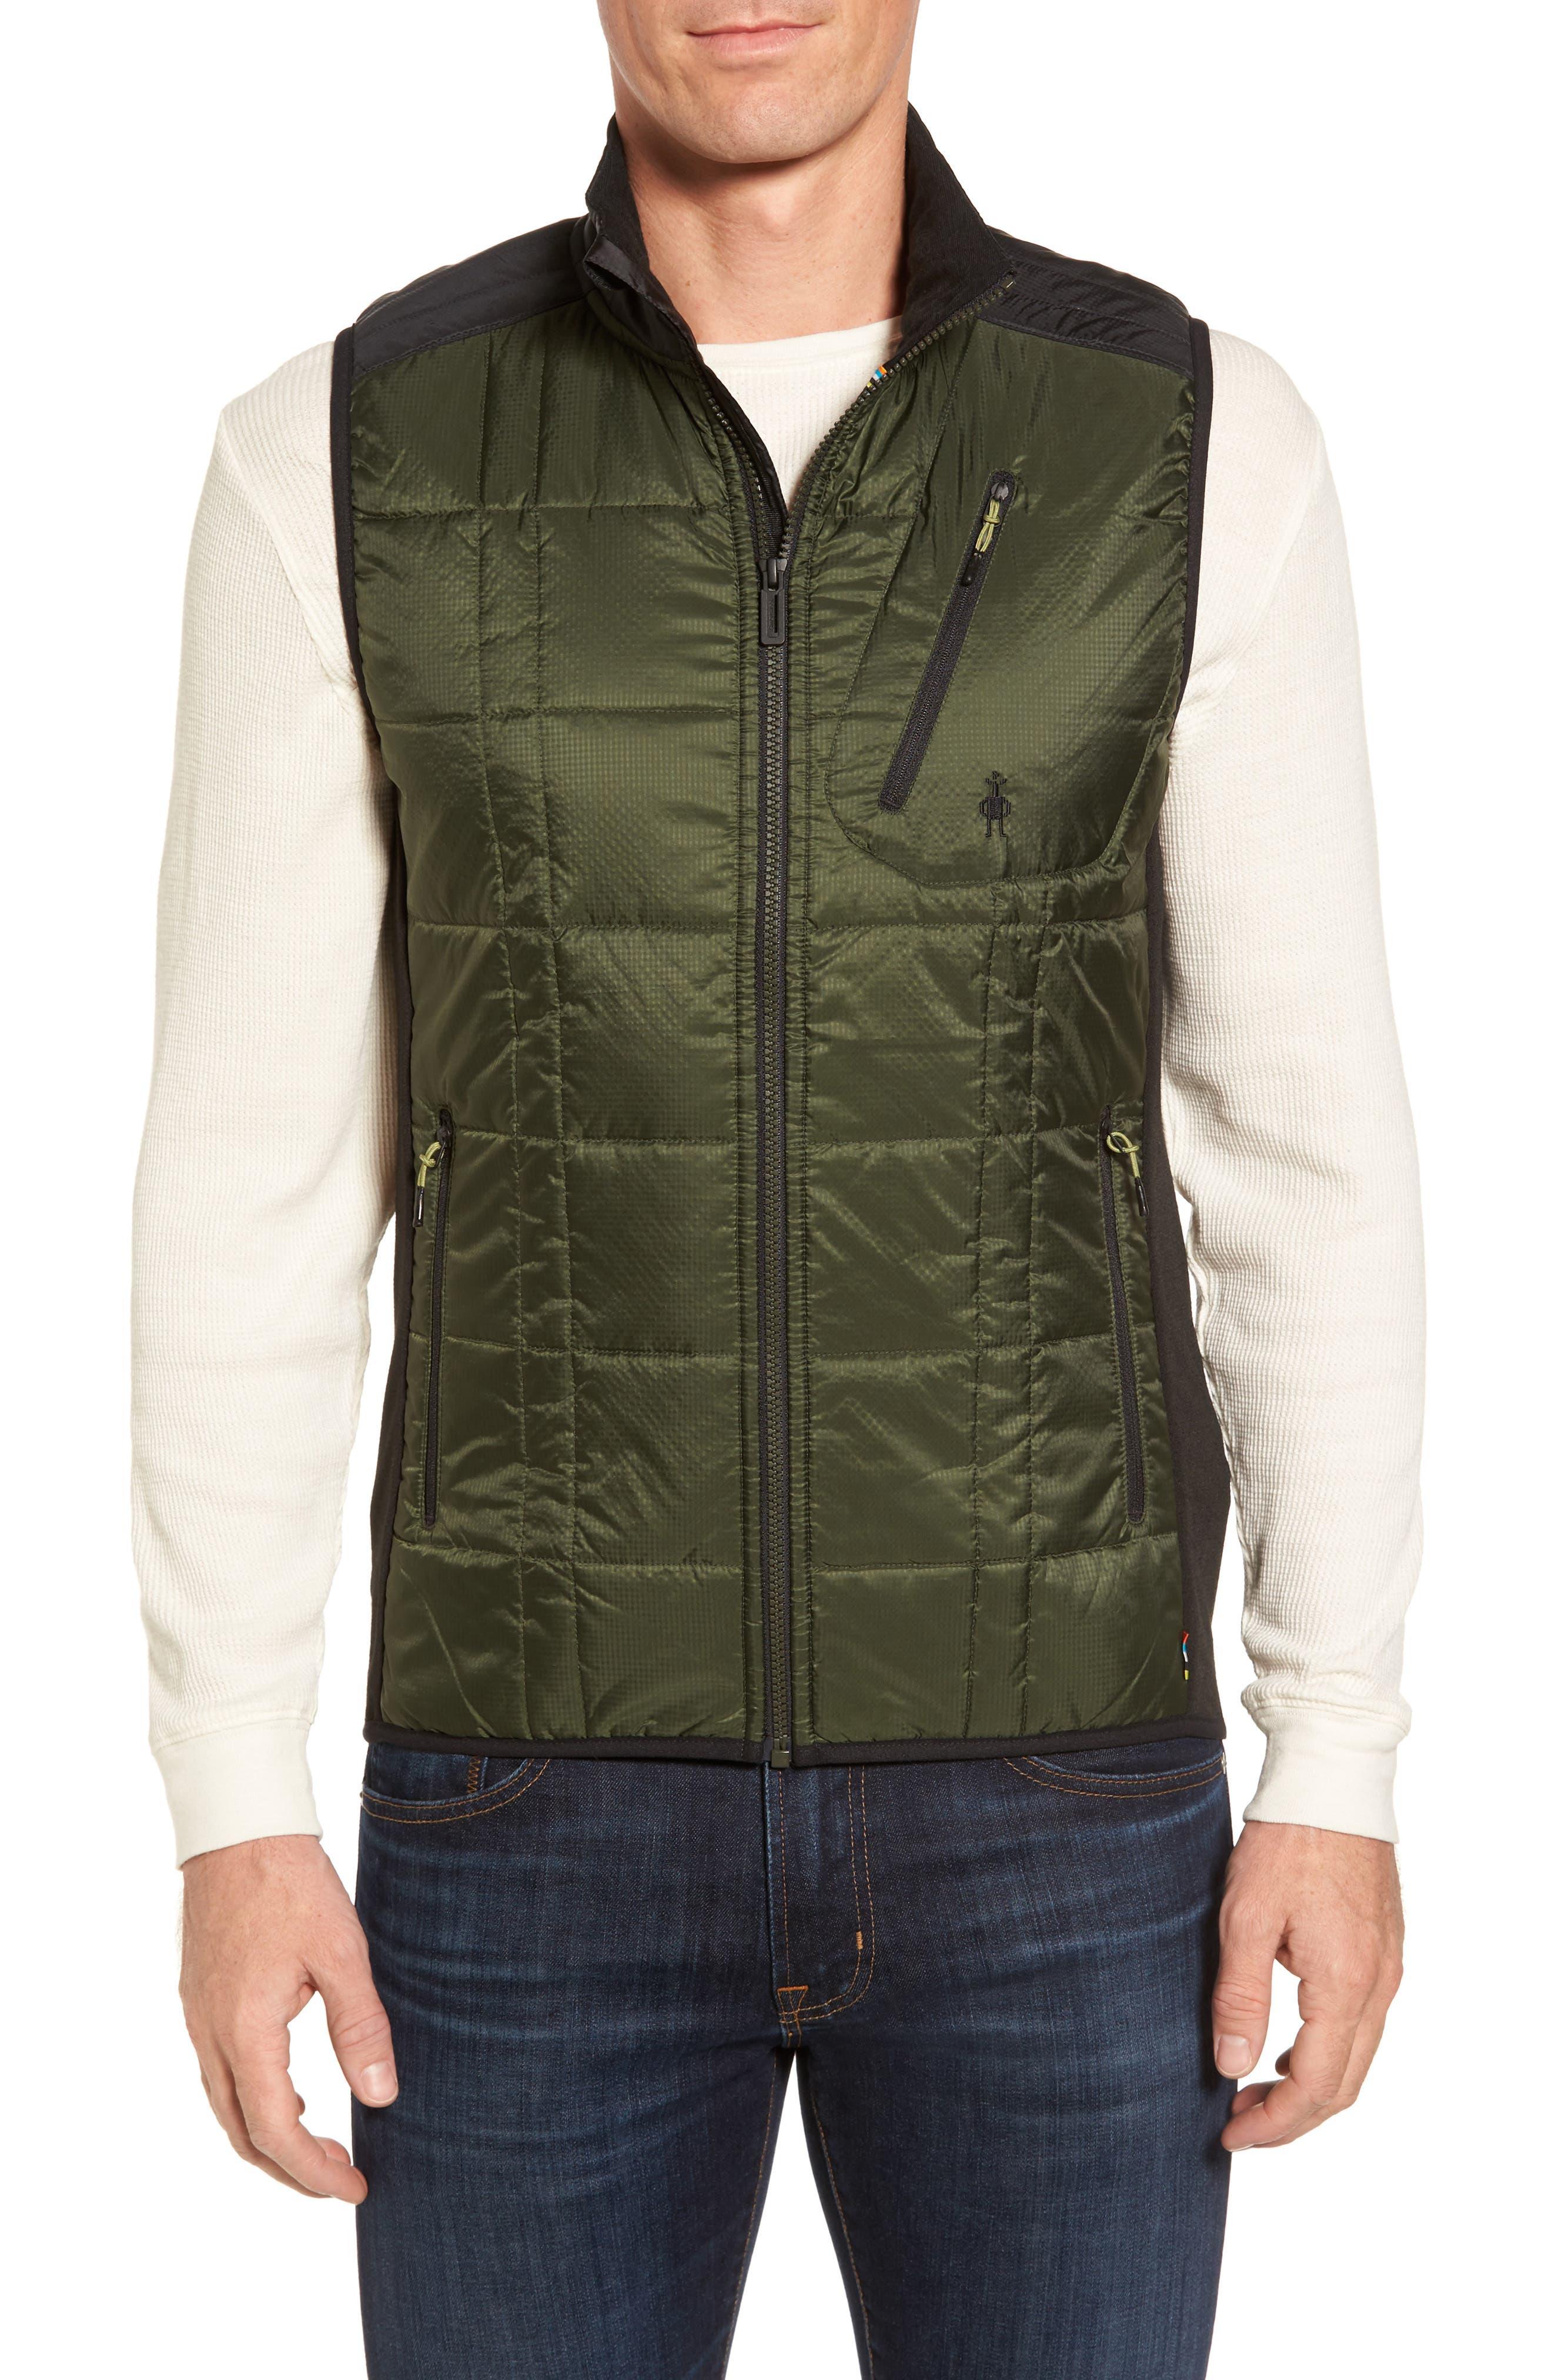 Main Image - Smartwool 'Corbet 120' Quilted Zip Front Vest